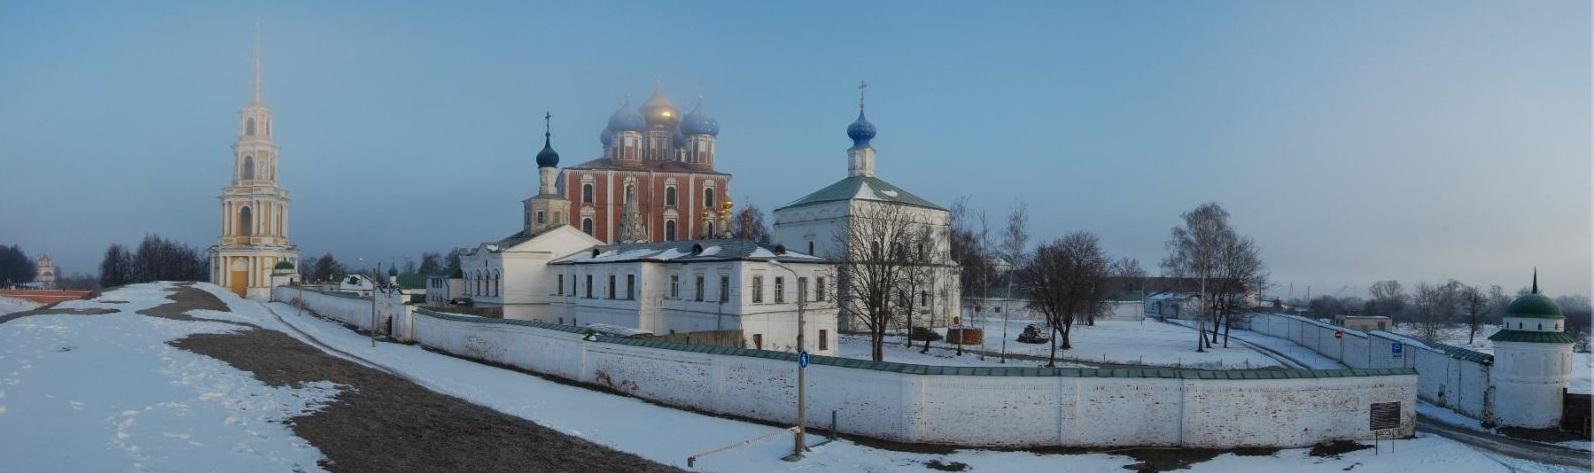 Грузоперевозки из Москвы в Рязань